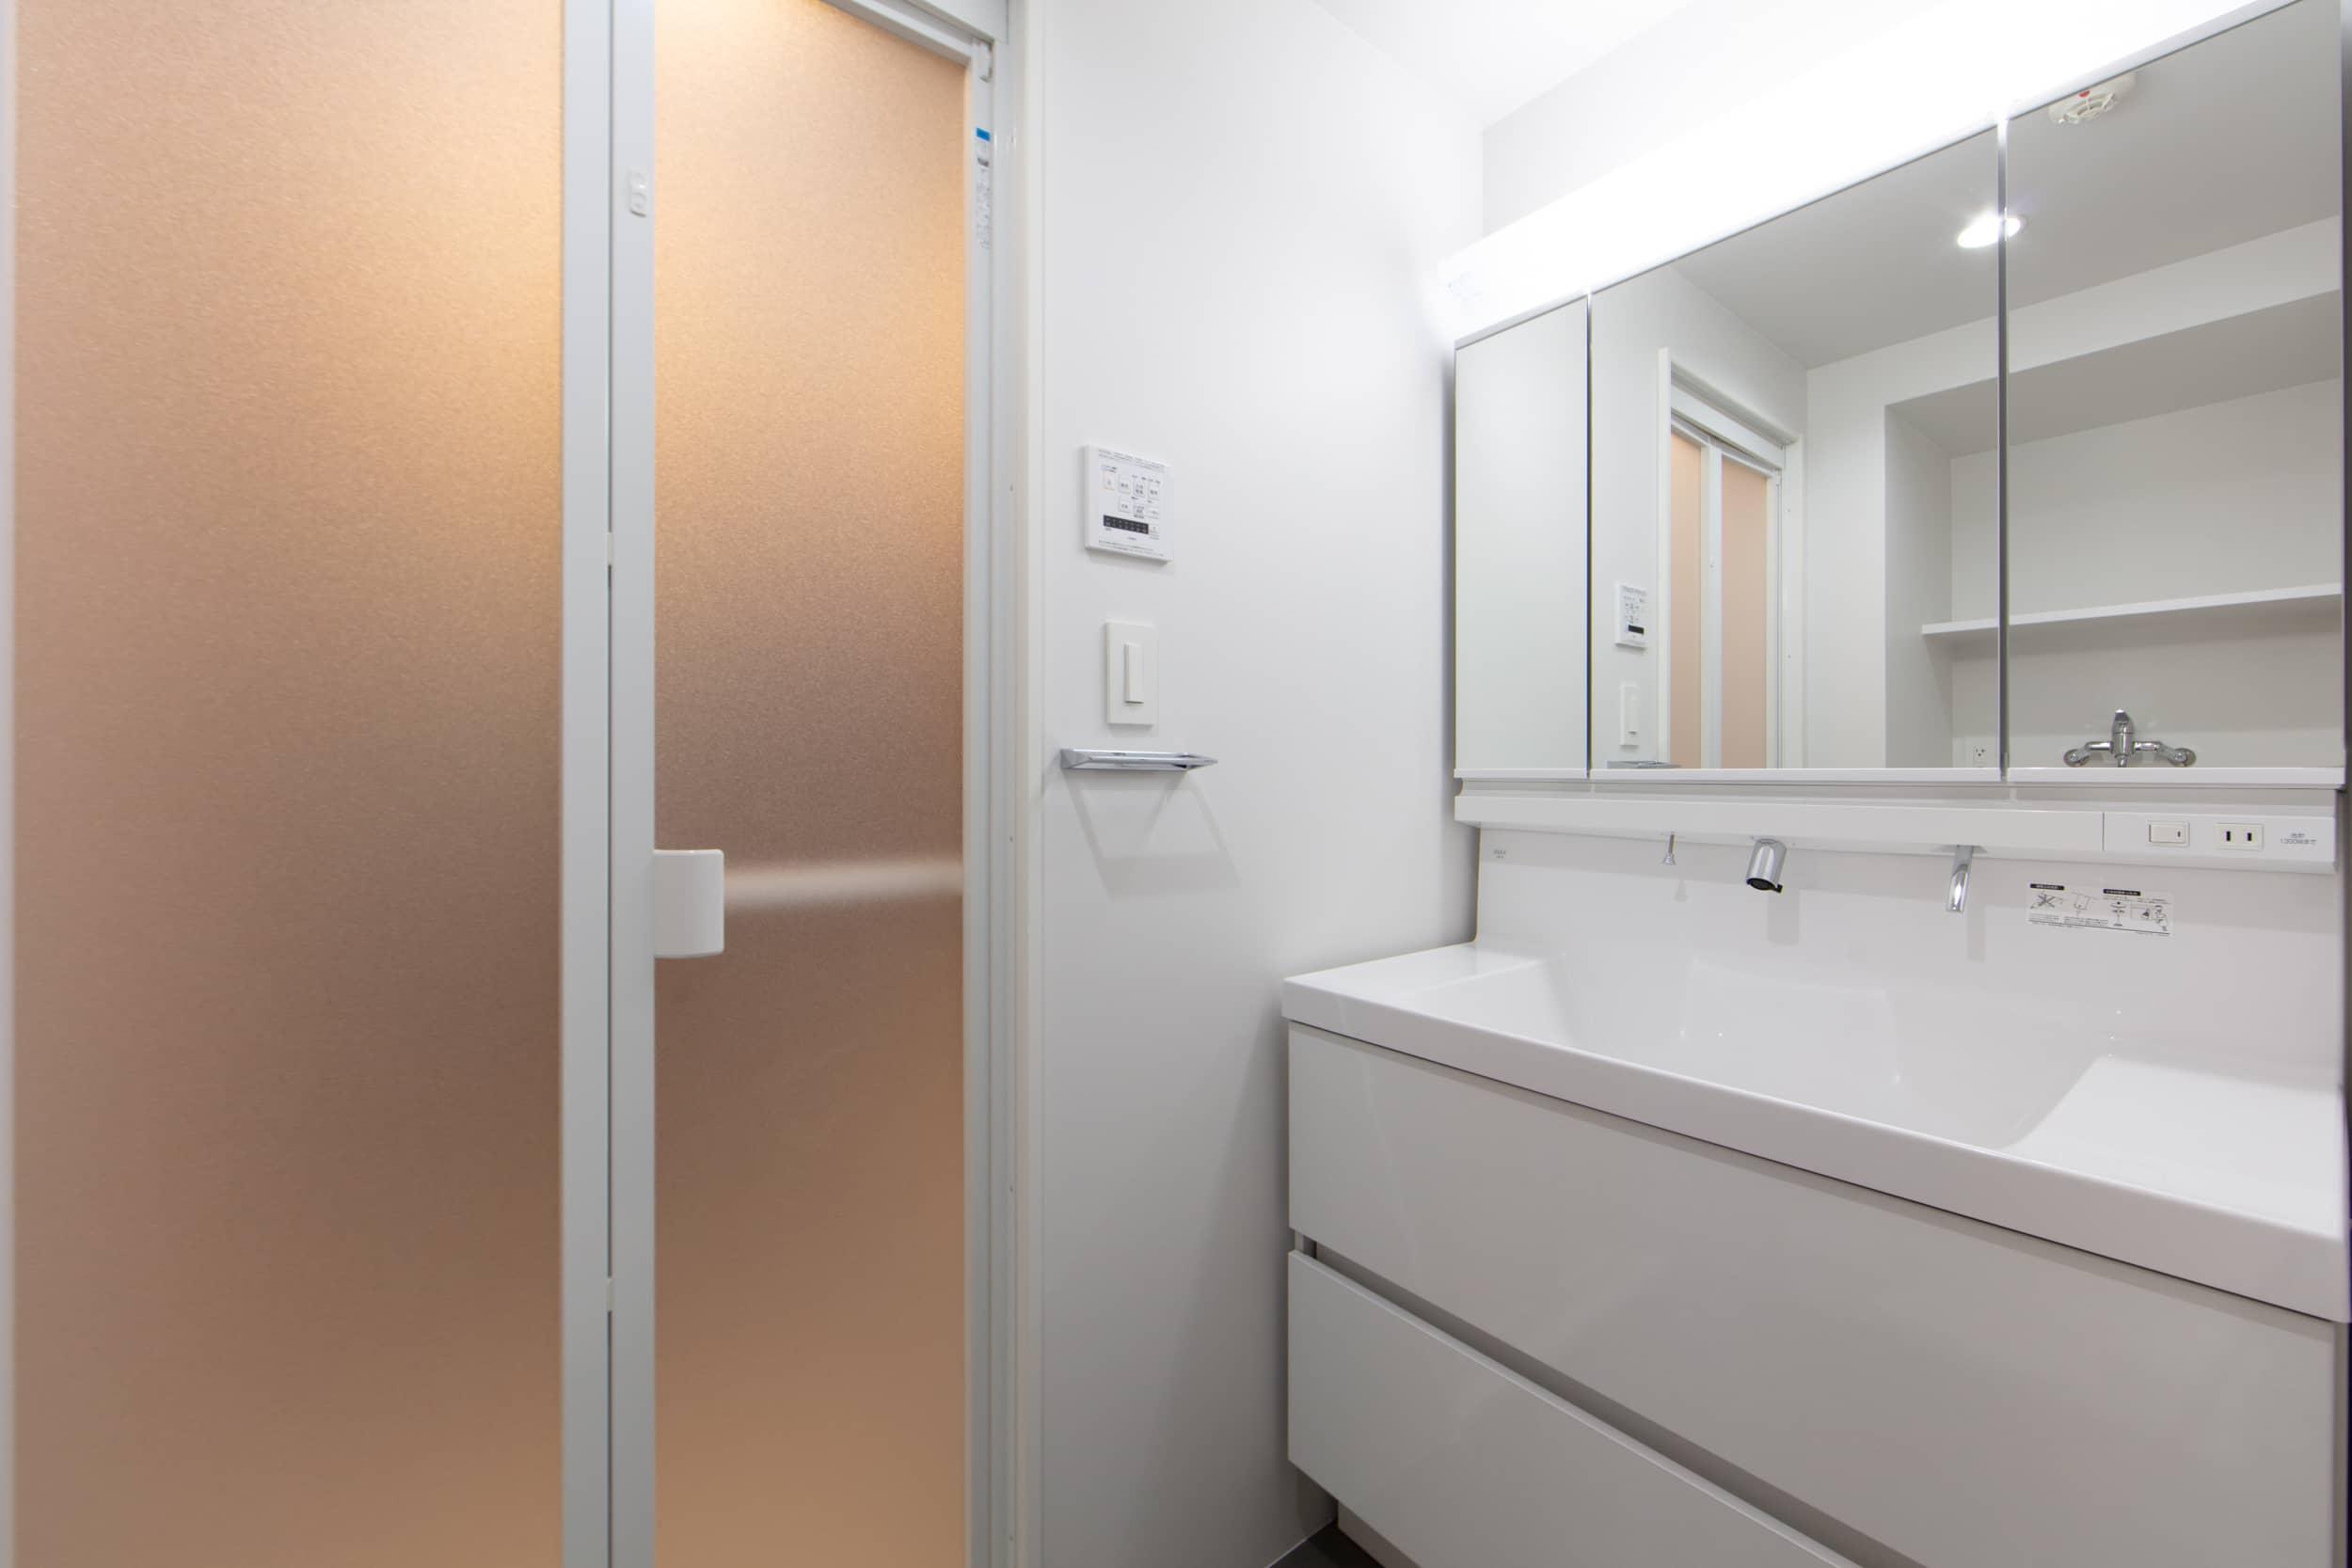 ロイヤルシャトー金沢泉丘102モデルルーム / 洗面室